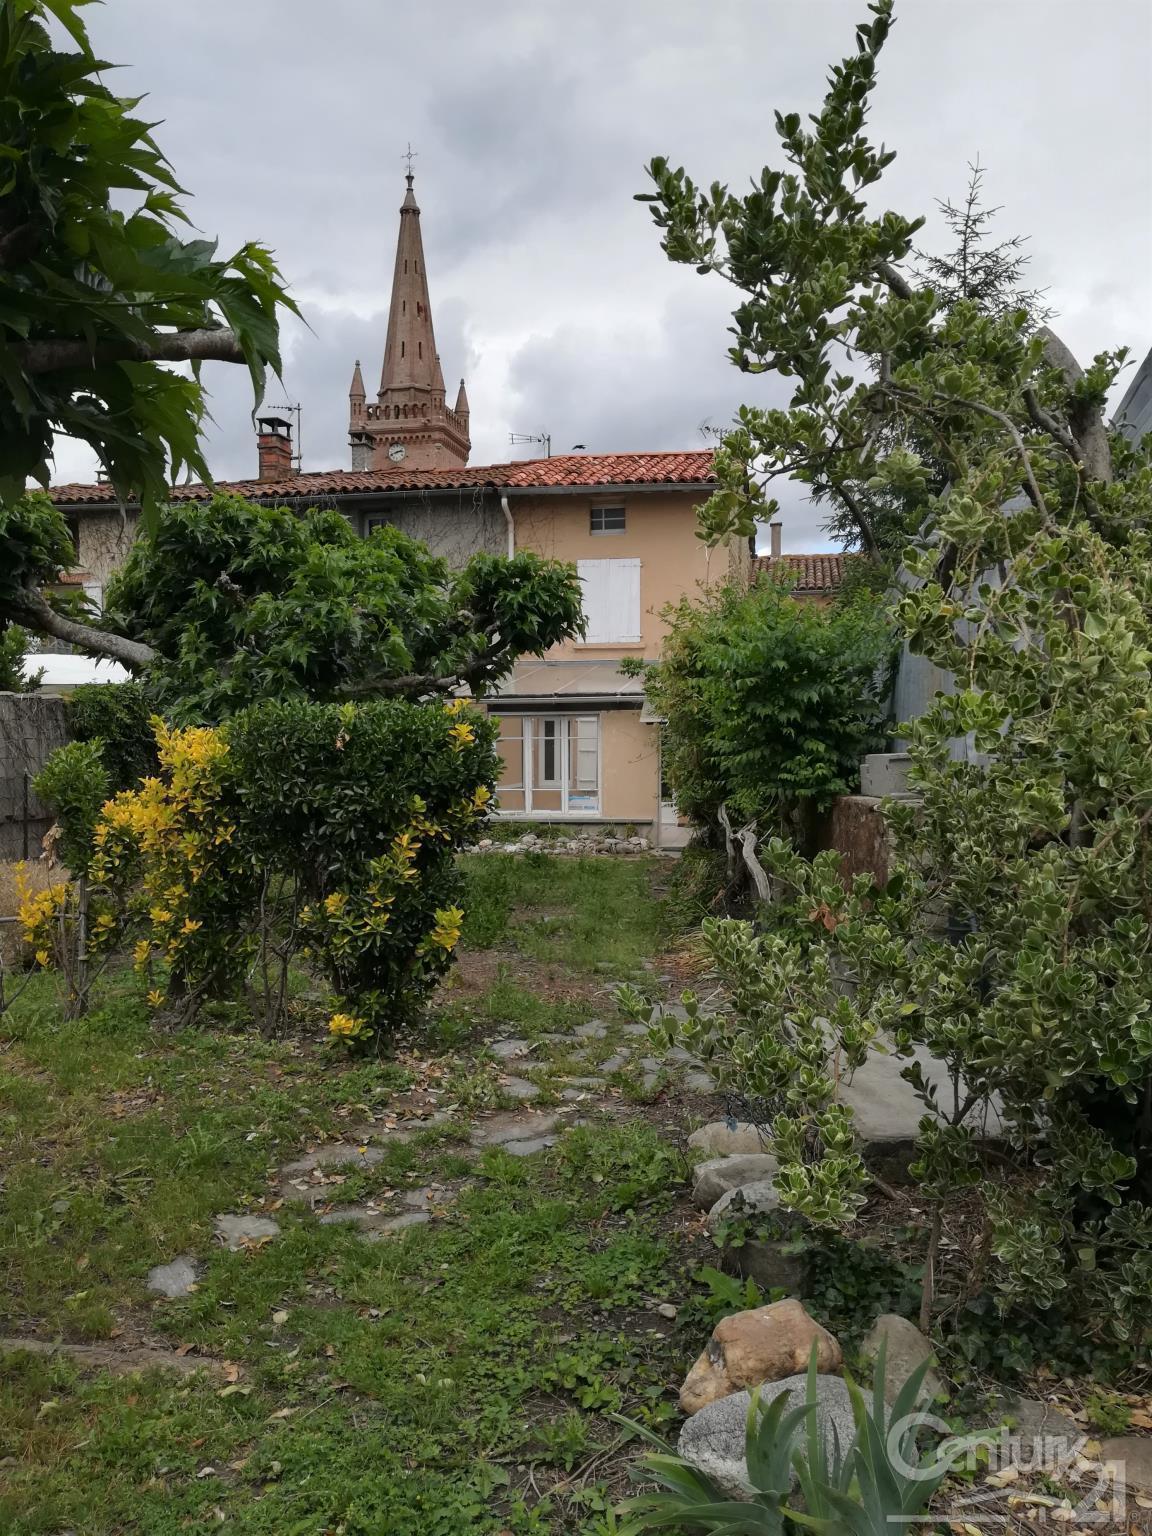 Annonce location maison villeneuve du par age 09100 60 for Annonce location maison